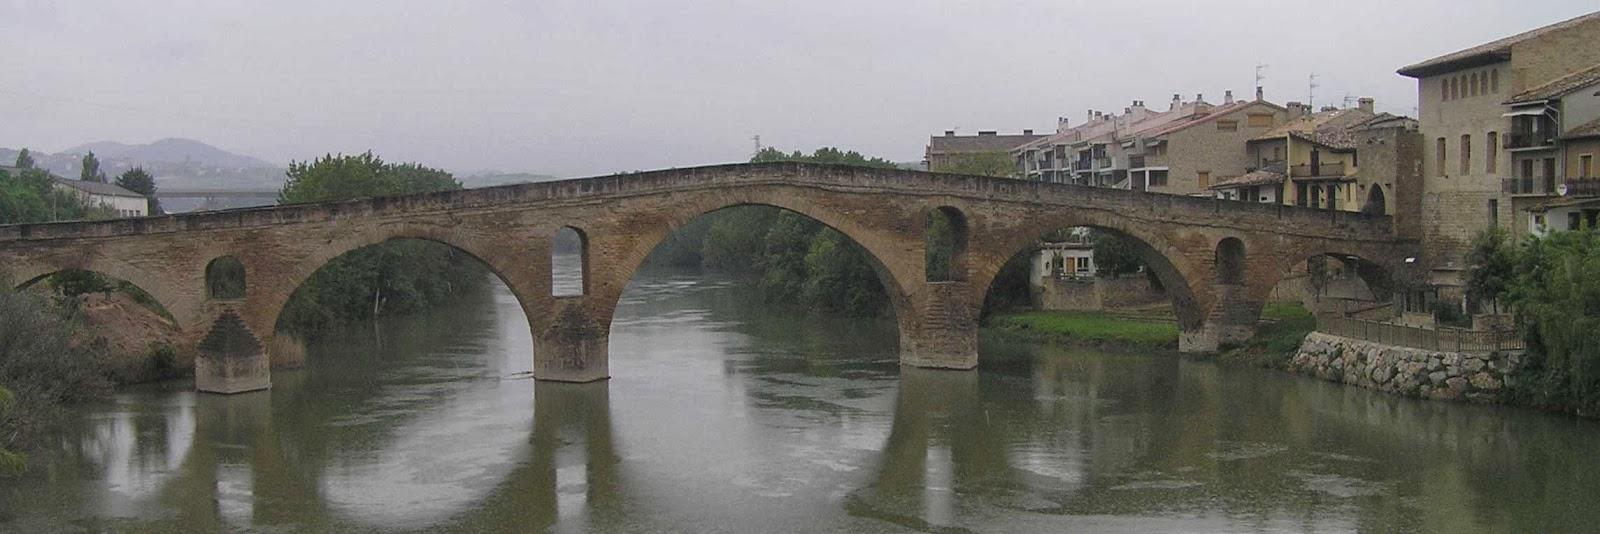 Puente de la Reina, Navarra.